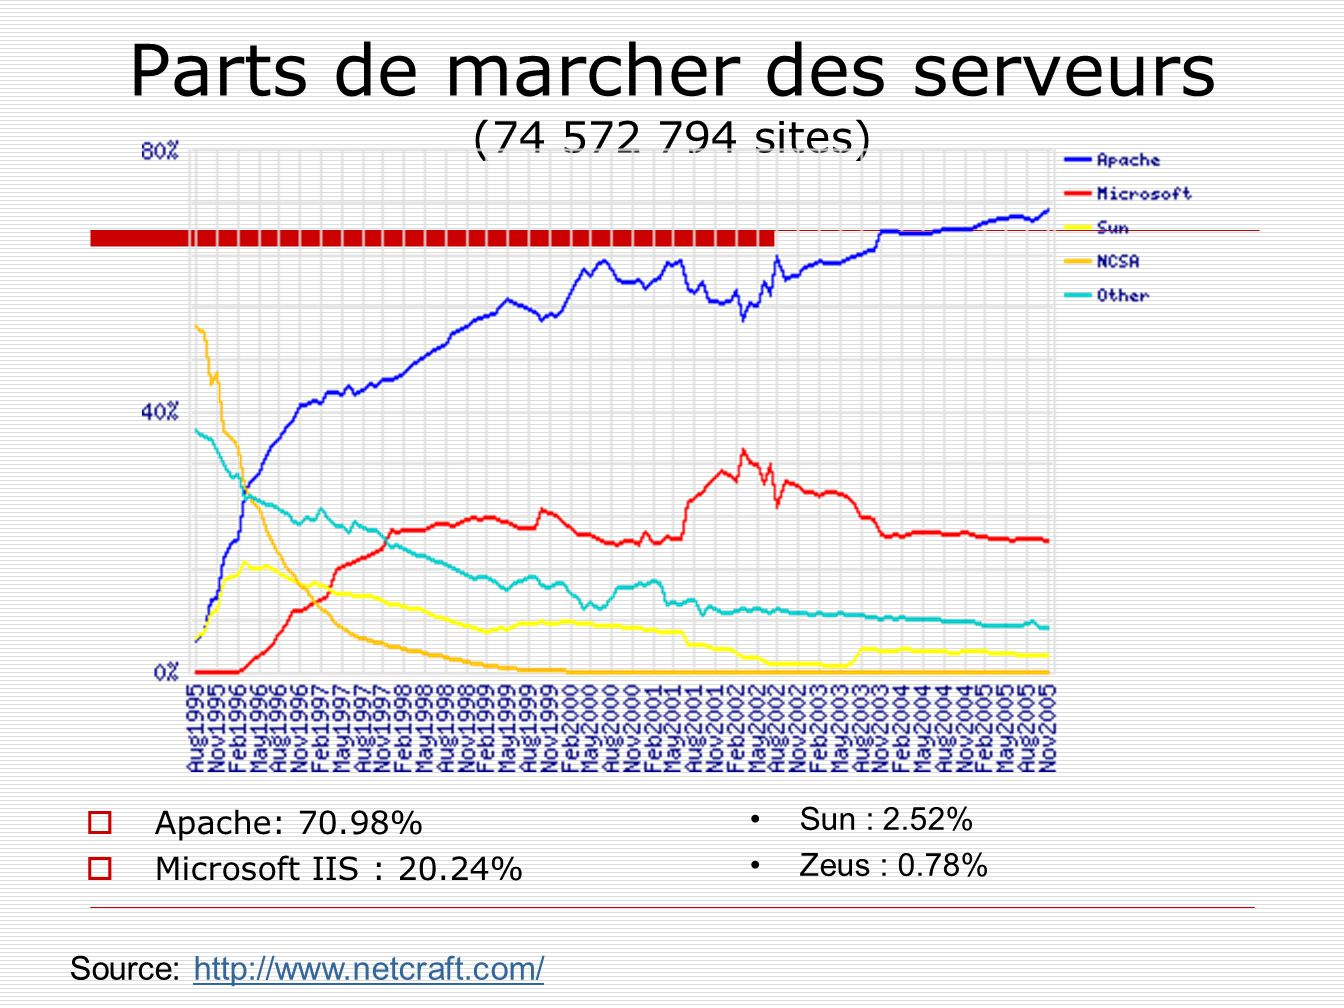 Parts de marcher des serveurs (74 572 794 sites)